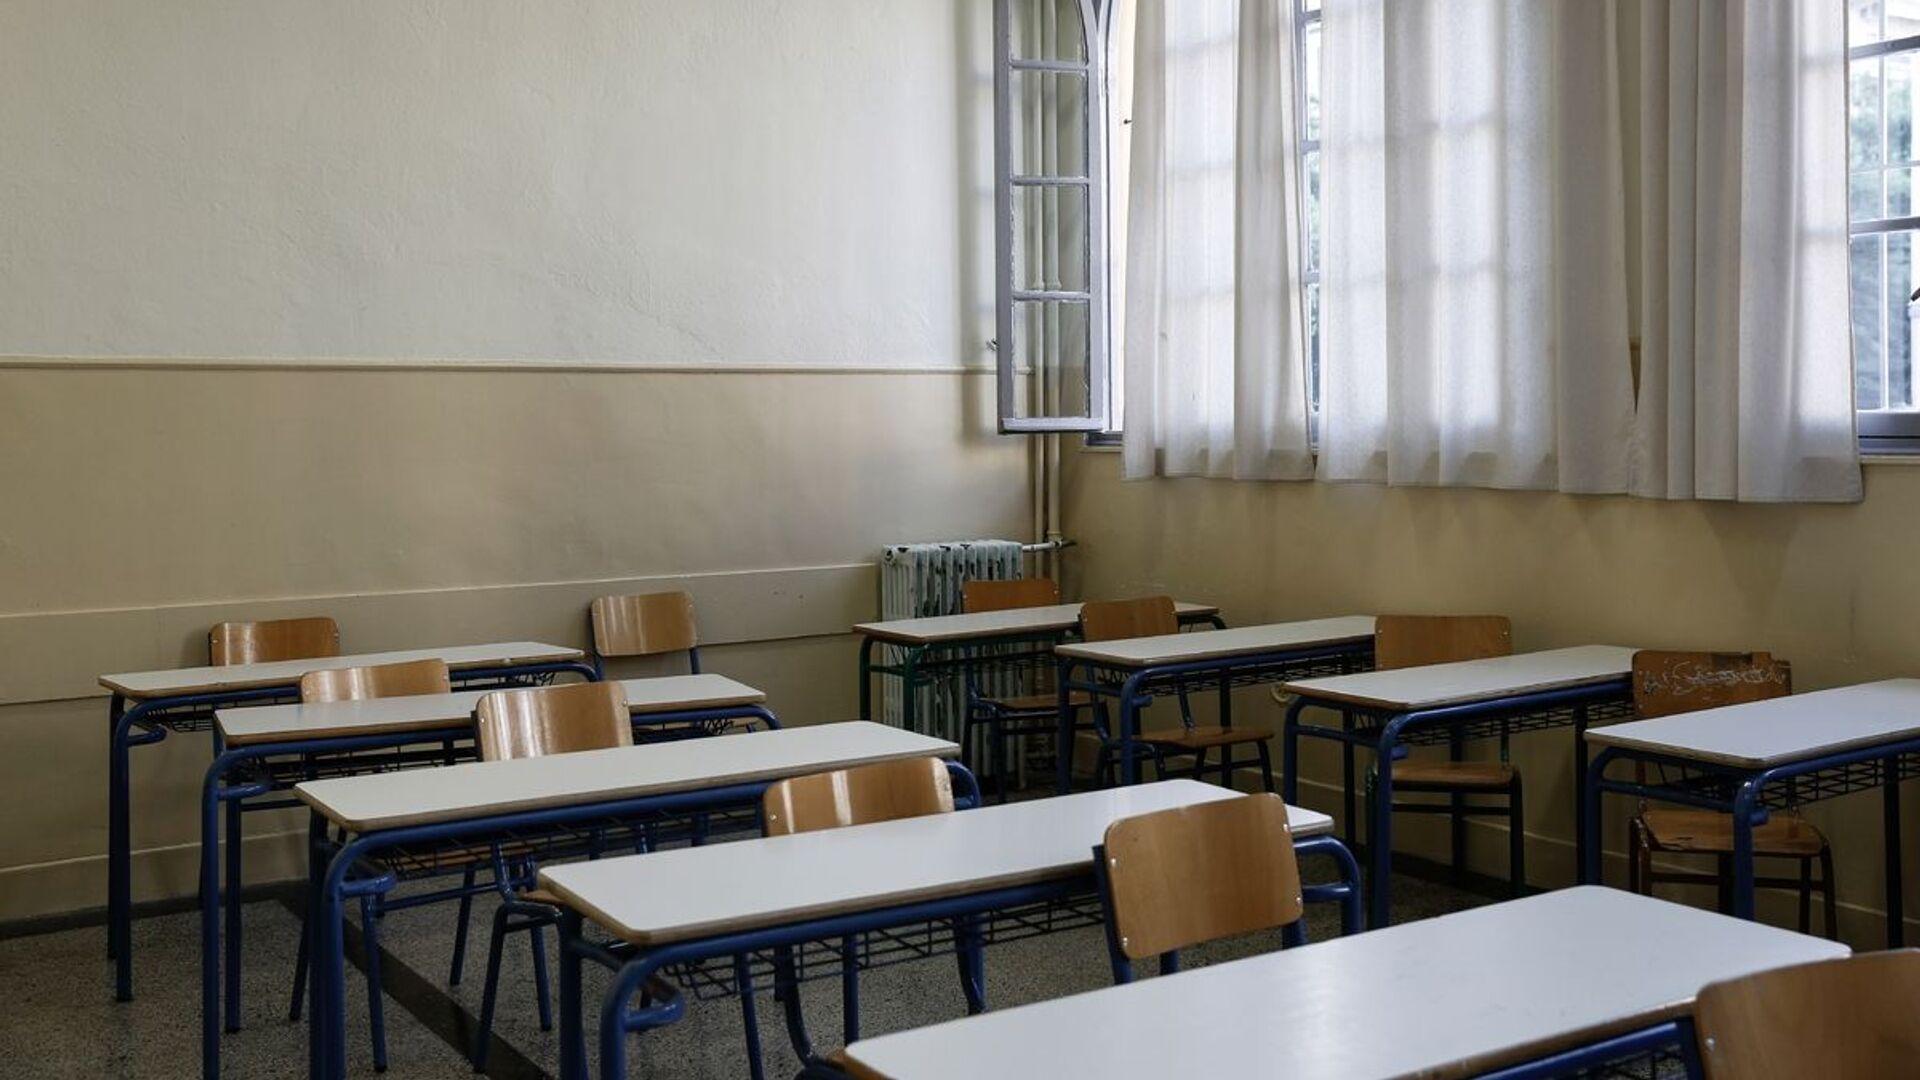 Άδεια σχολική αίθουσα - Sputnik Ελλάδα, 1920, 04.10.2021